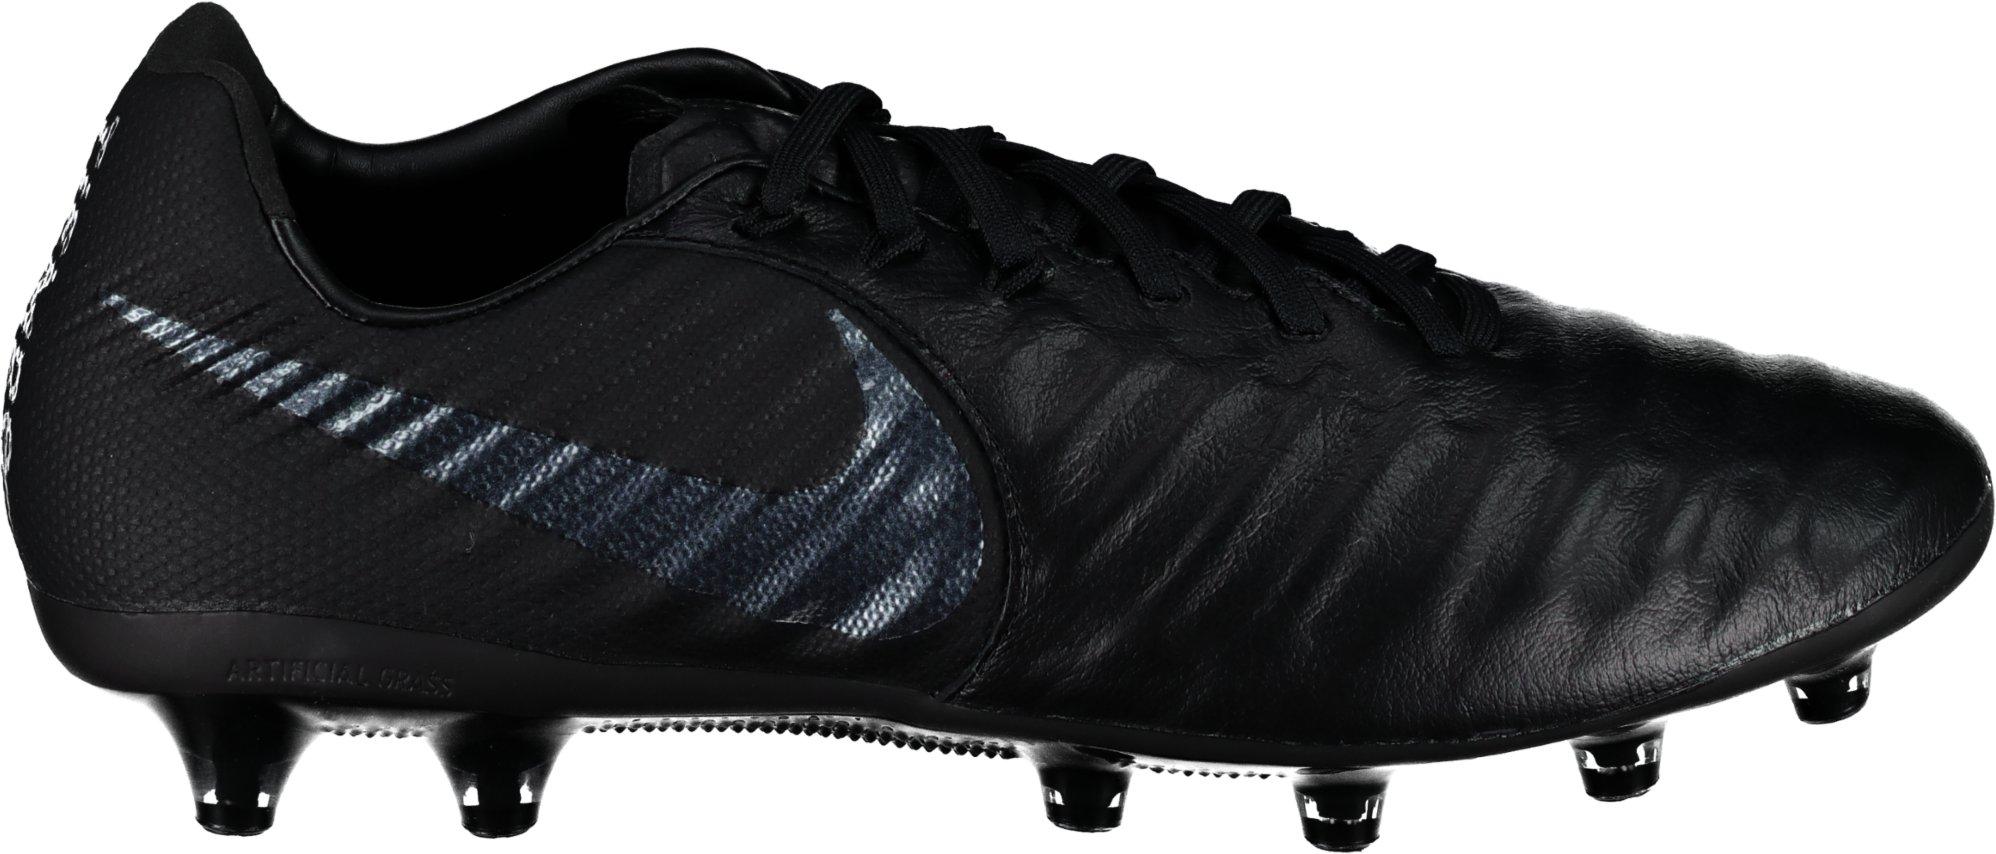 Nike Tiempo Legend 7 Pro AG Pro